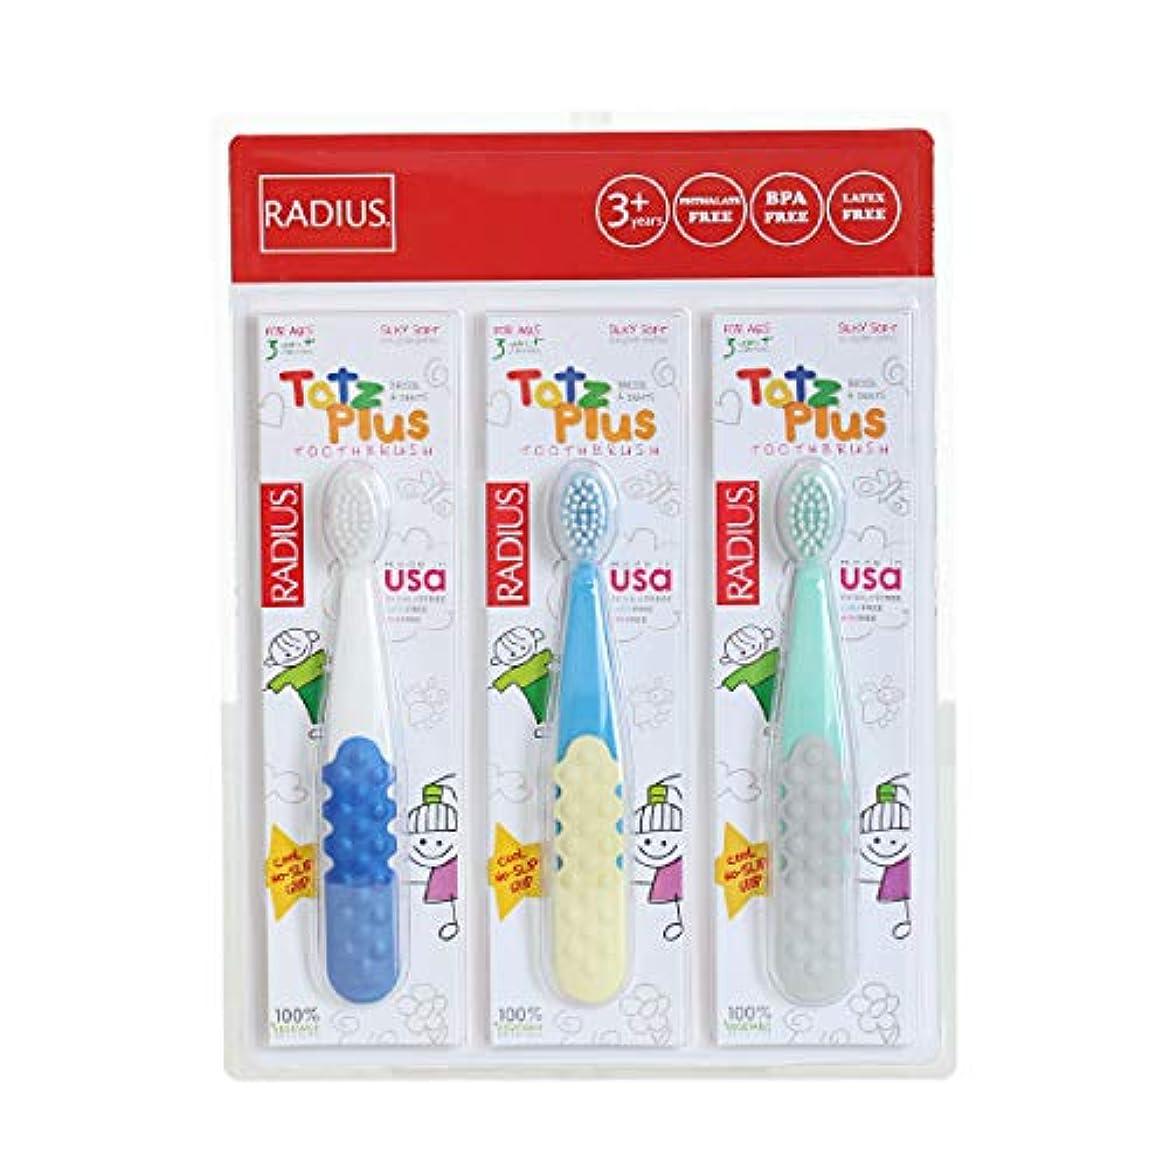 外交努力する純正ラディウス Totz Plus Toothbrush 歯ブラシ, 3年+ シルキーソフト, 100% 野菜剛毛 3パック [並行輸入品]